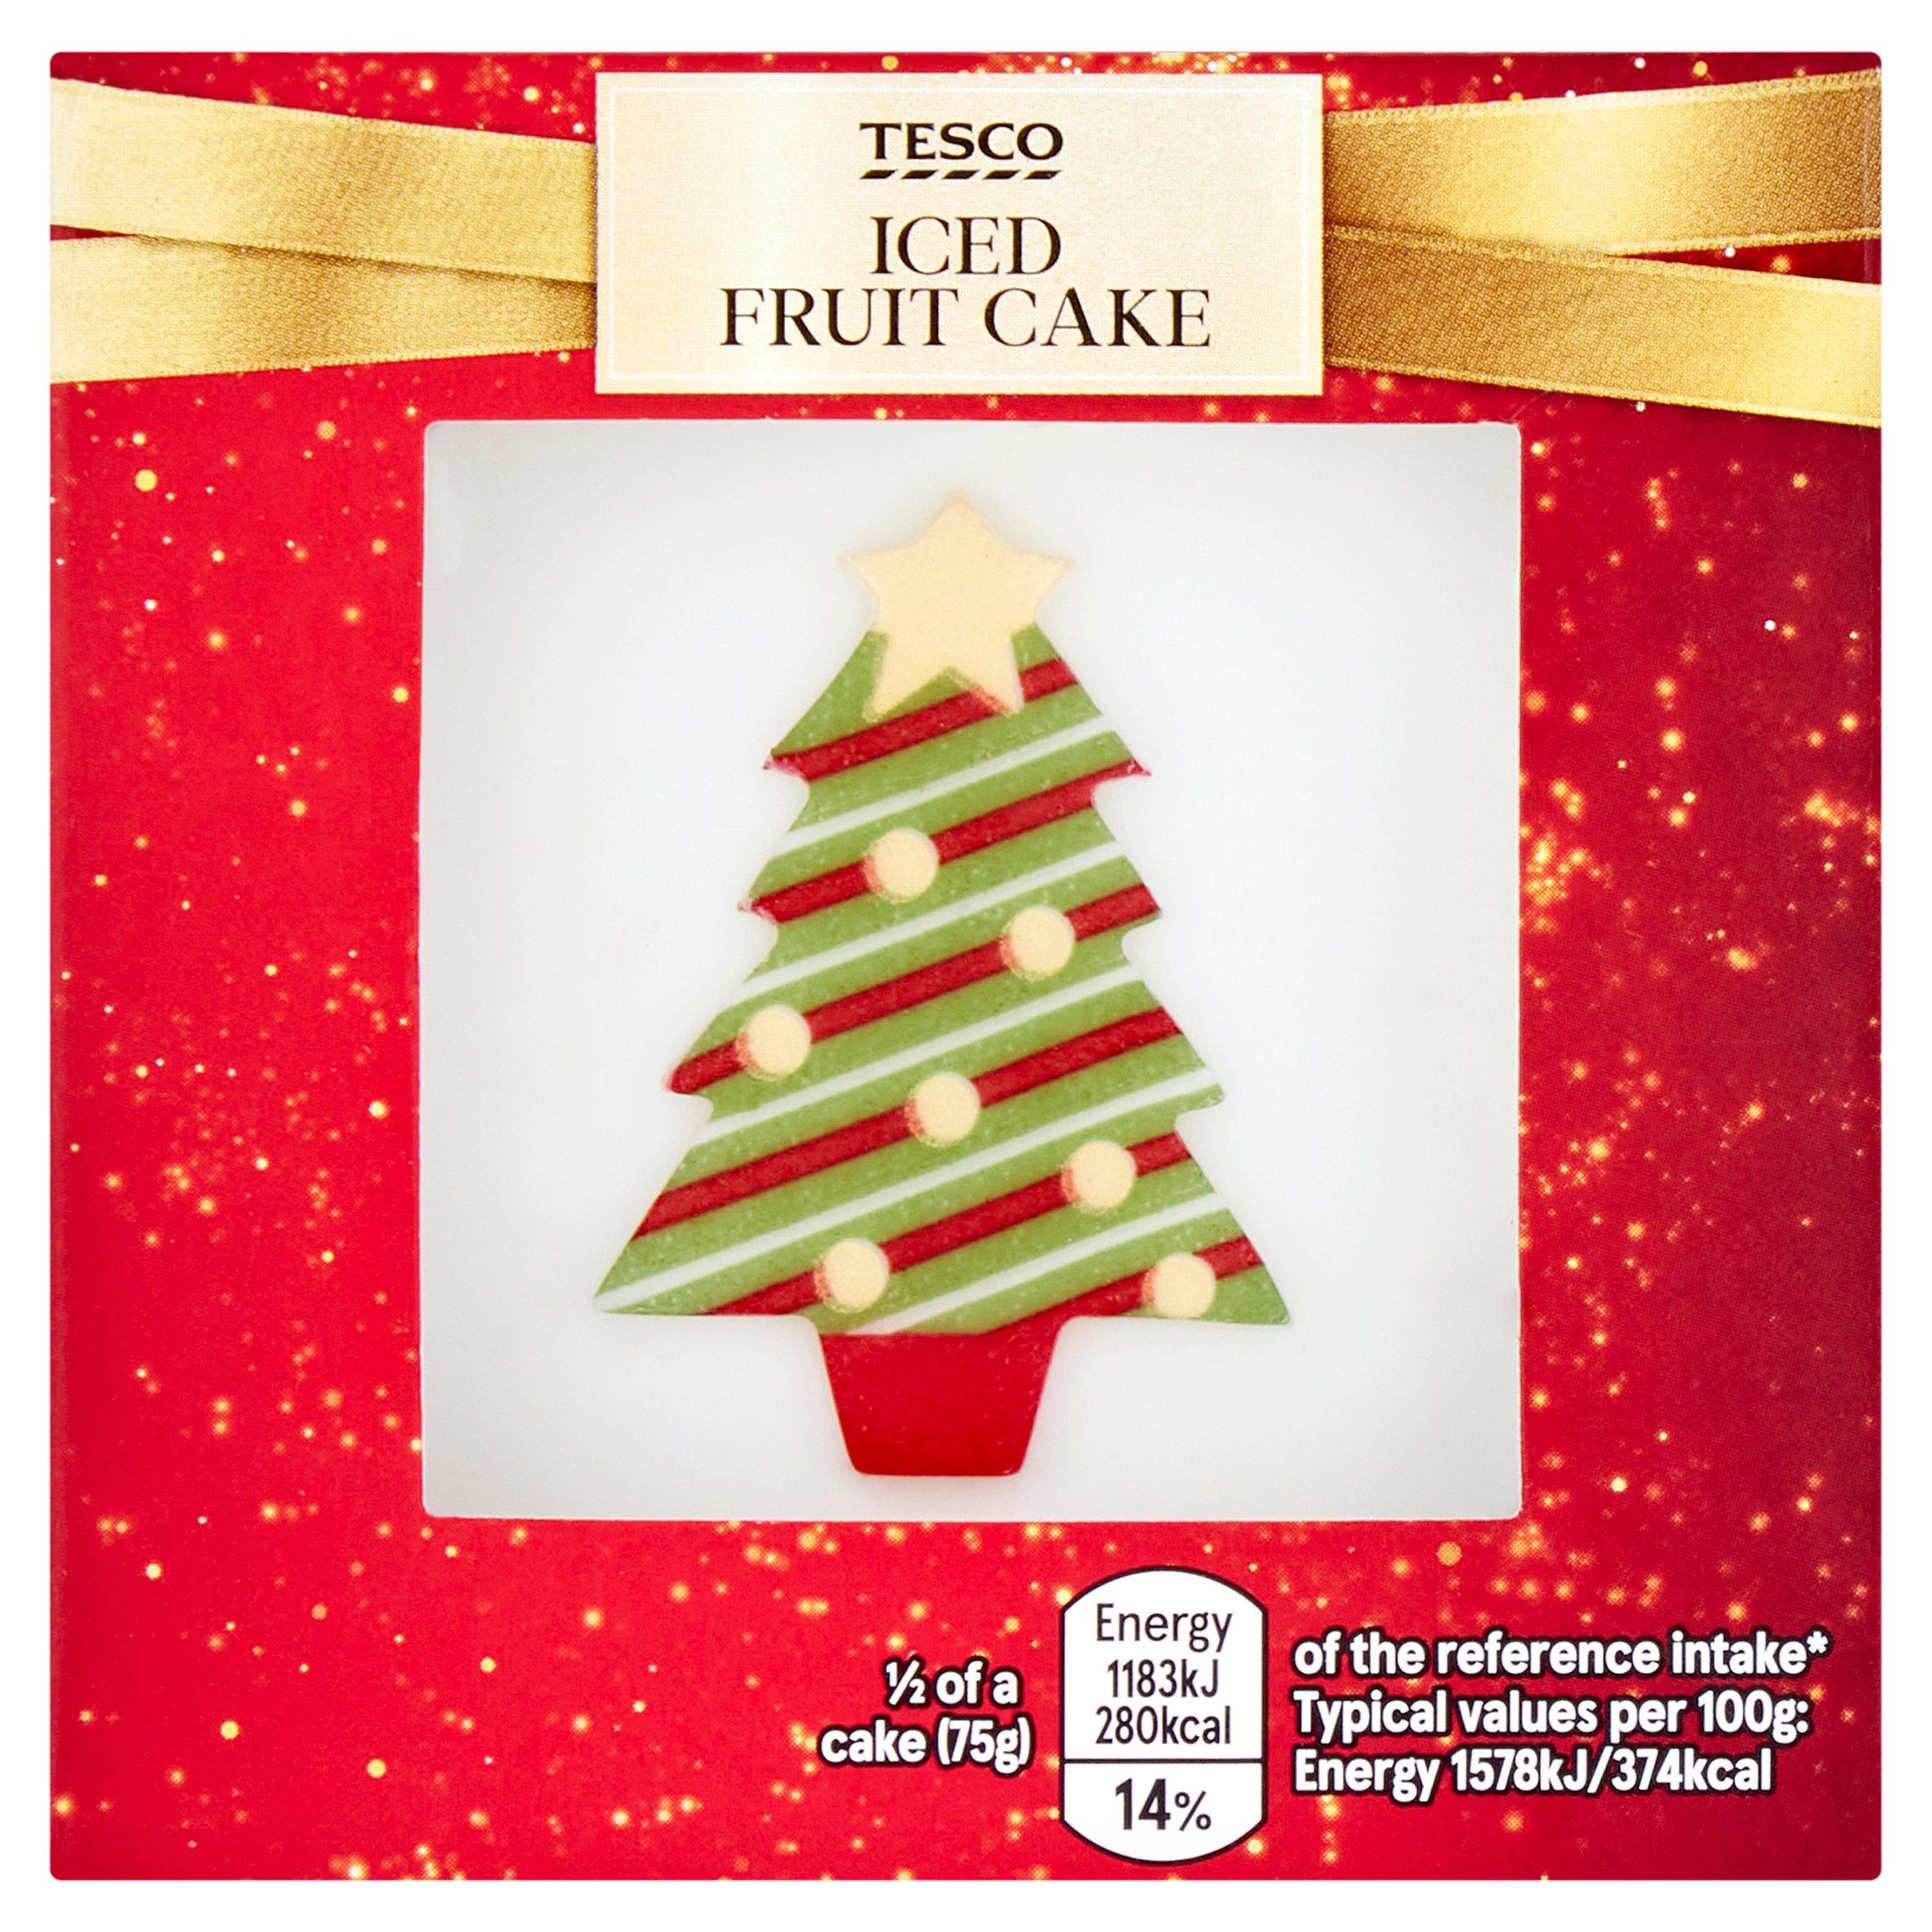 Tesco Iced Fruit Cake 150G